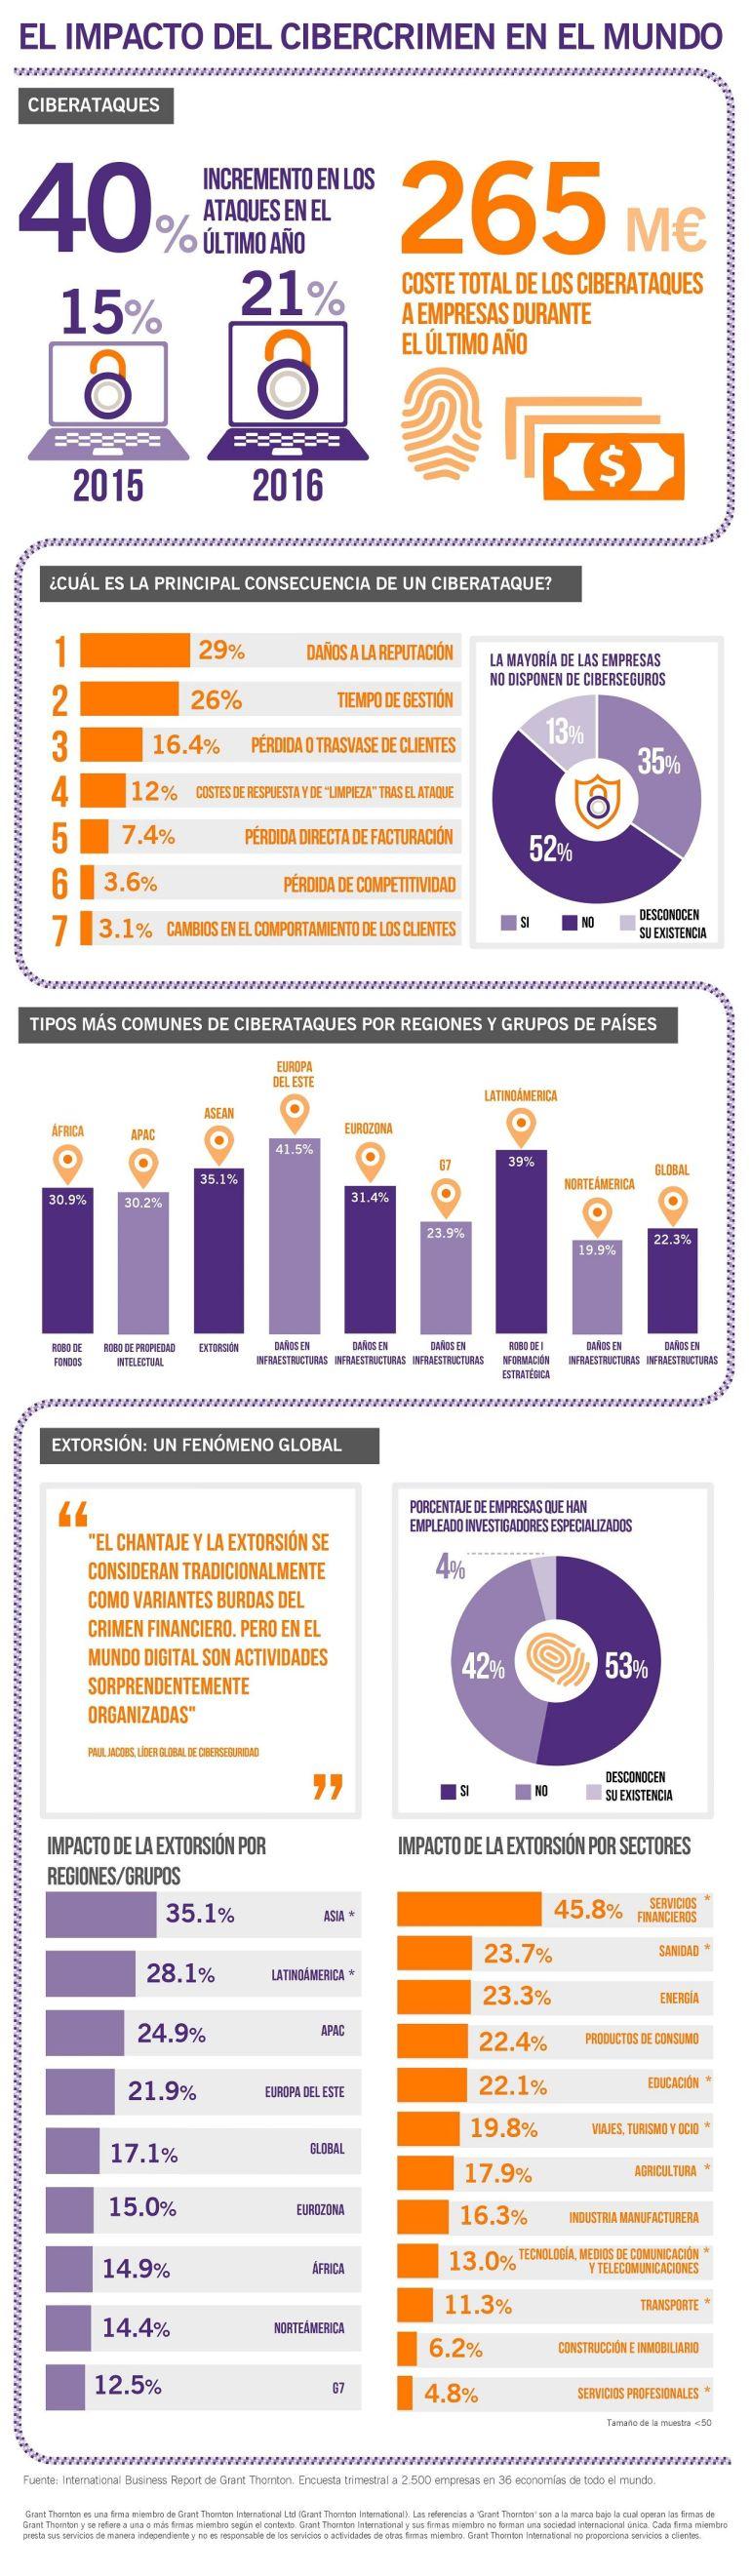 infografia_cibercrimen